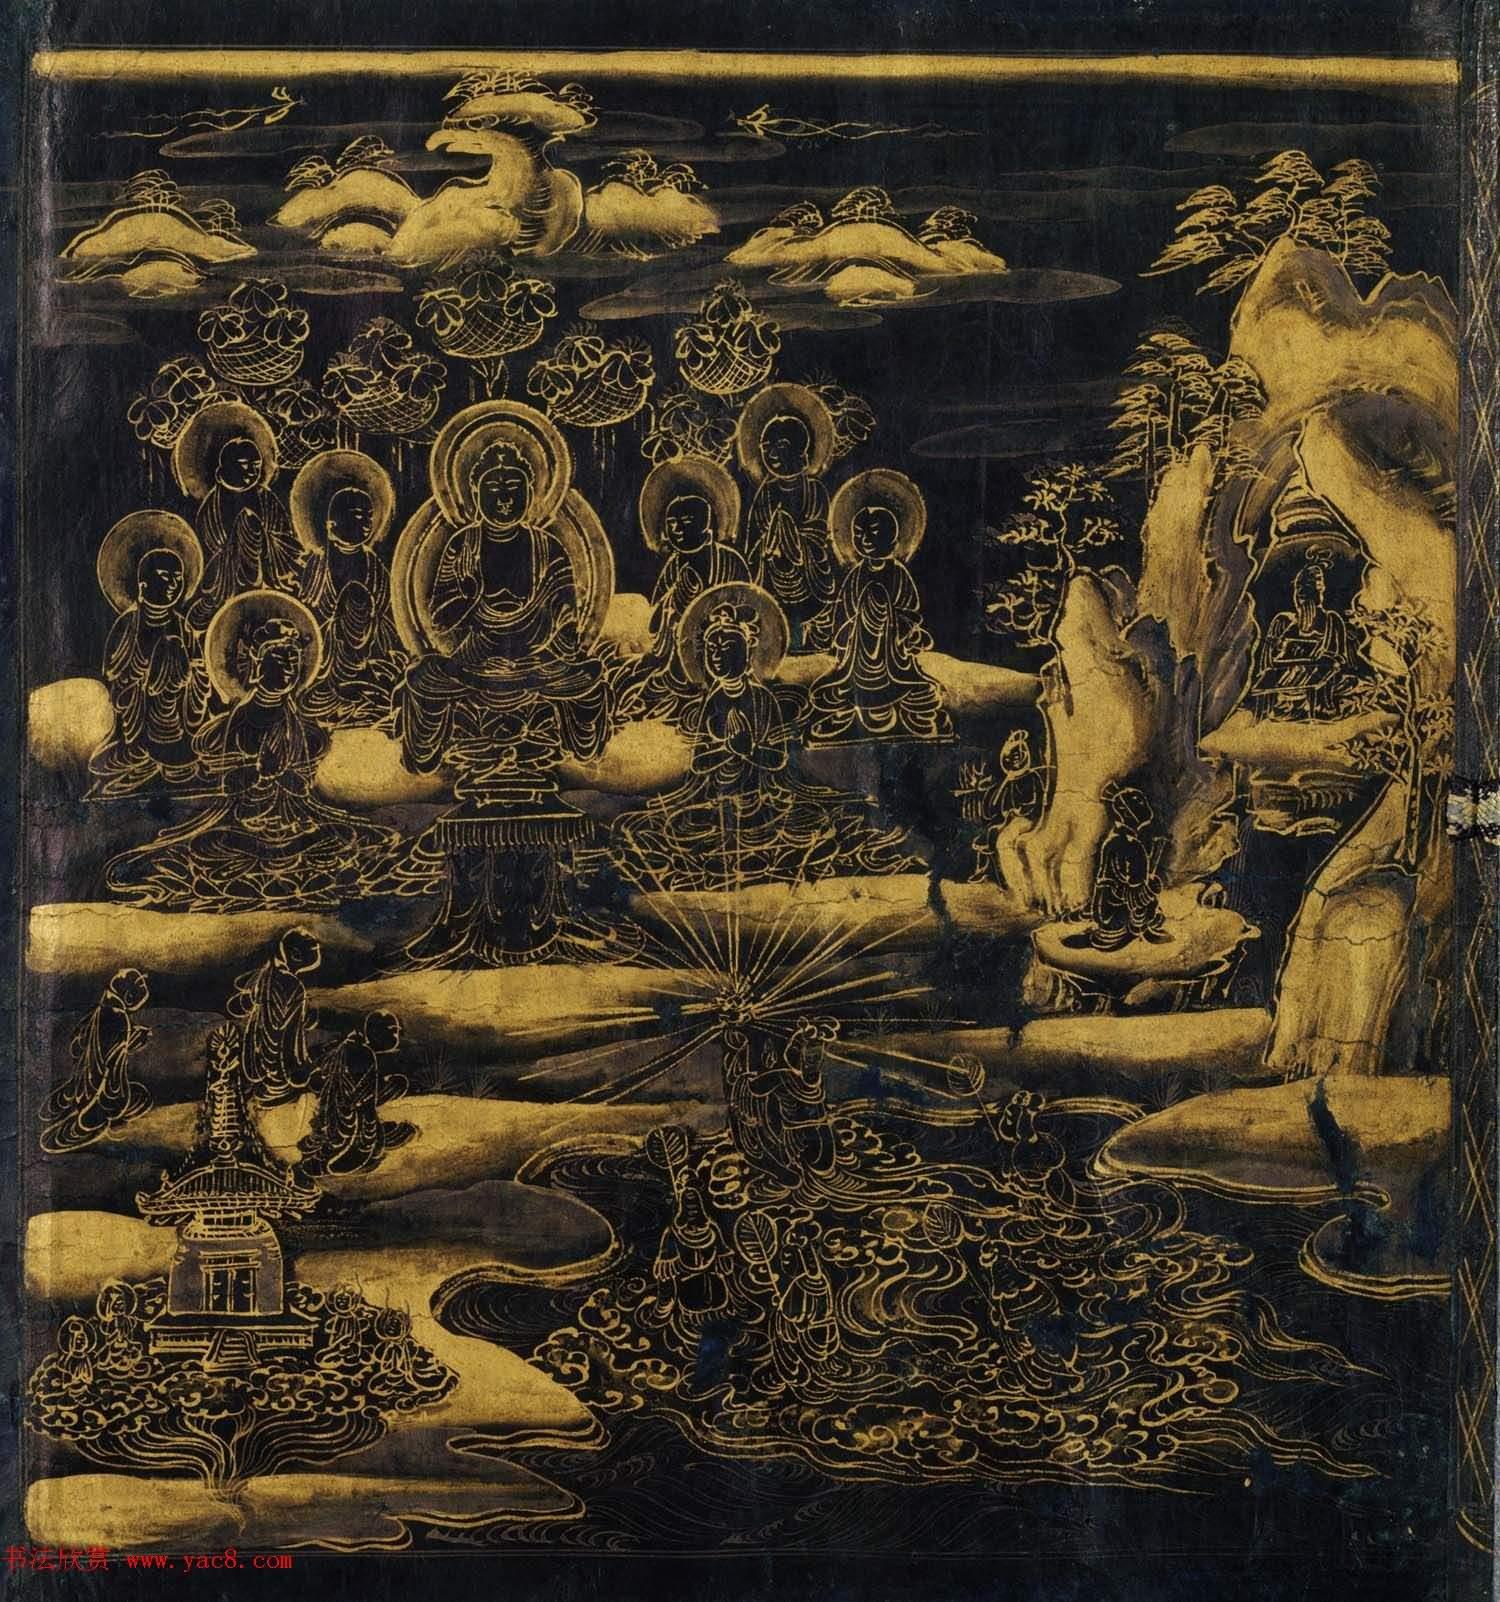 日本書法字帖《妙法蓮華經提婆達多品第十二》大都會藝術博物館藏(共19張圖片)